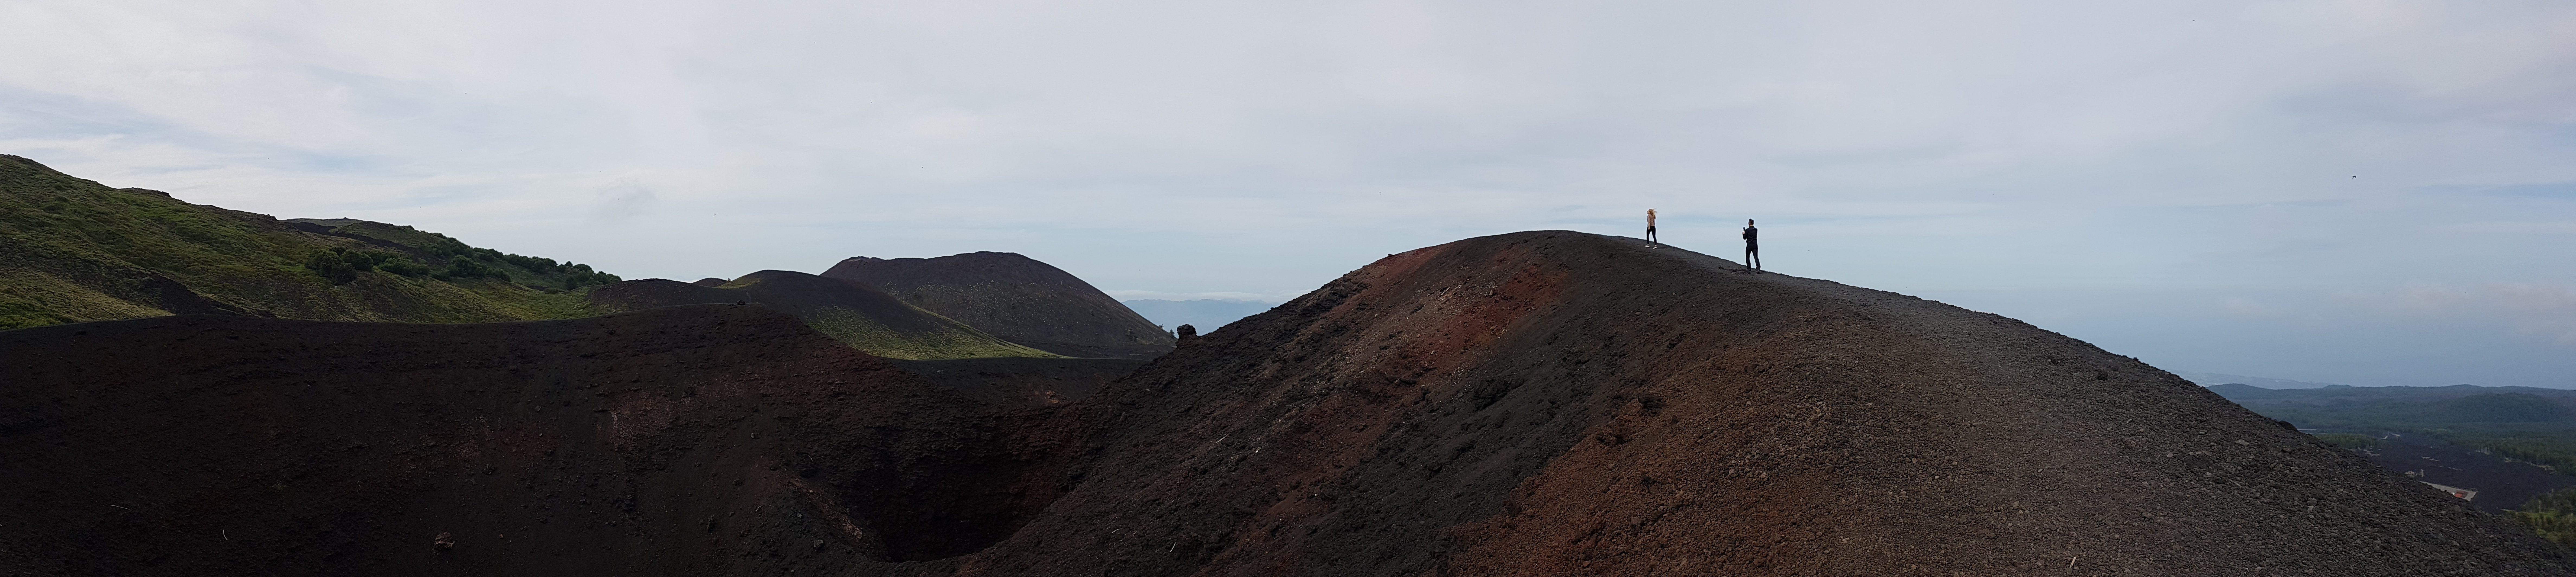 Panoramische foto Etna kraters 2002